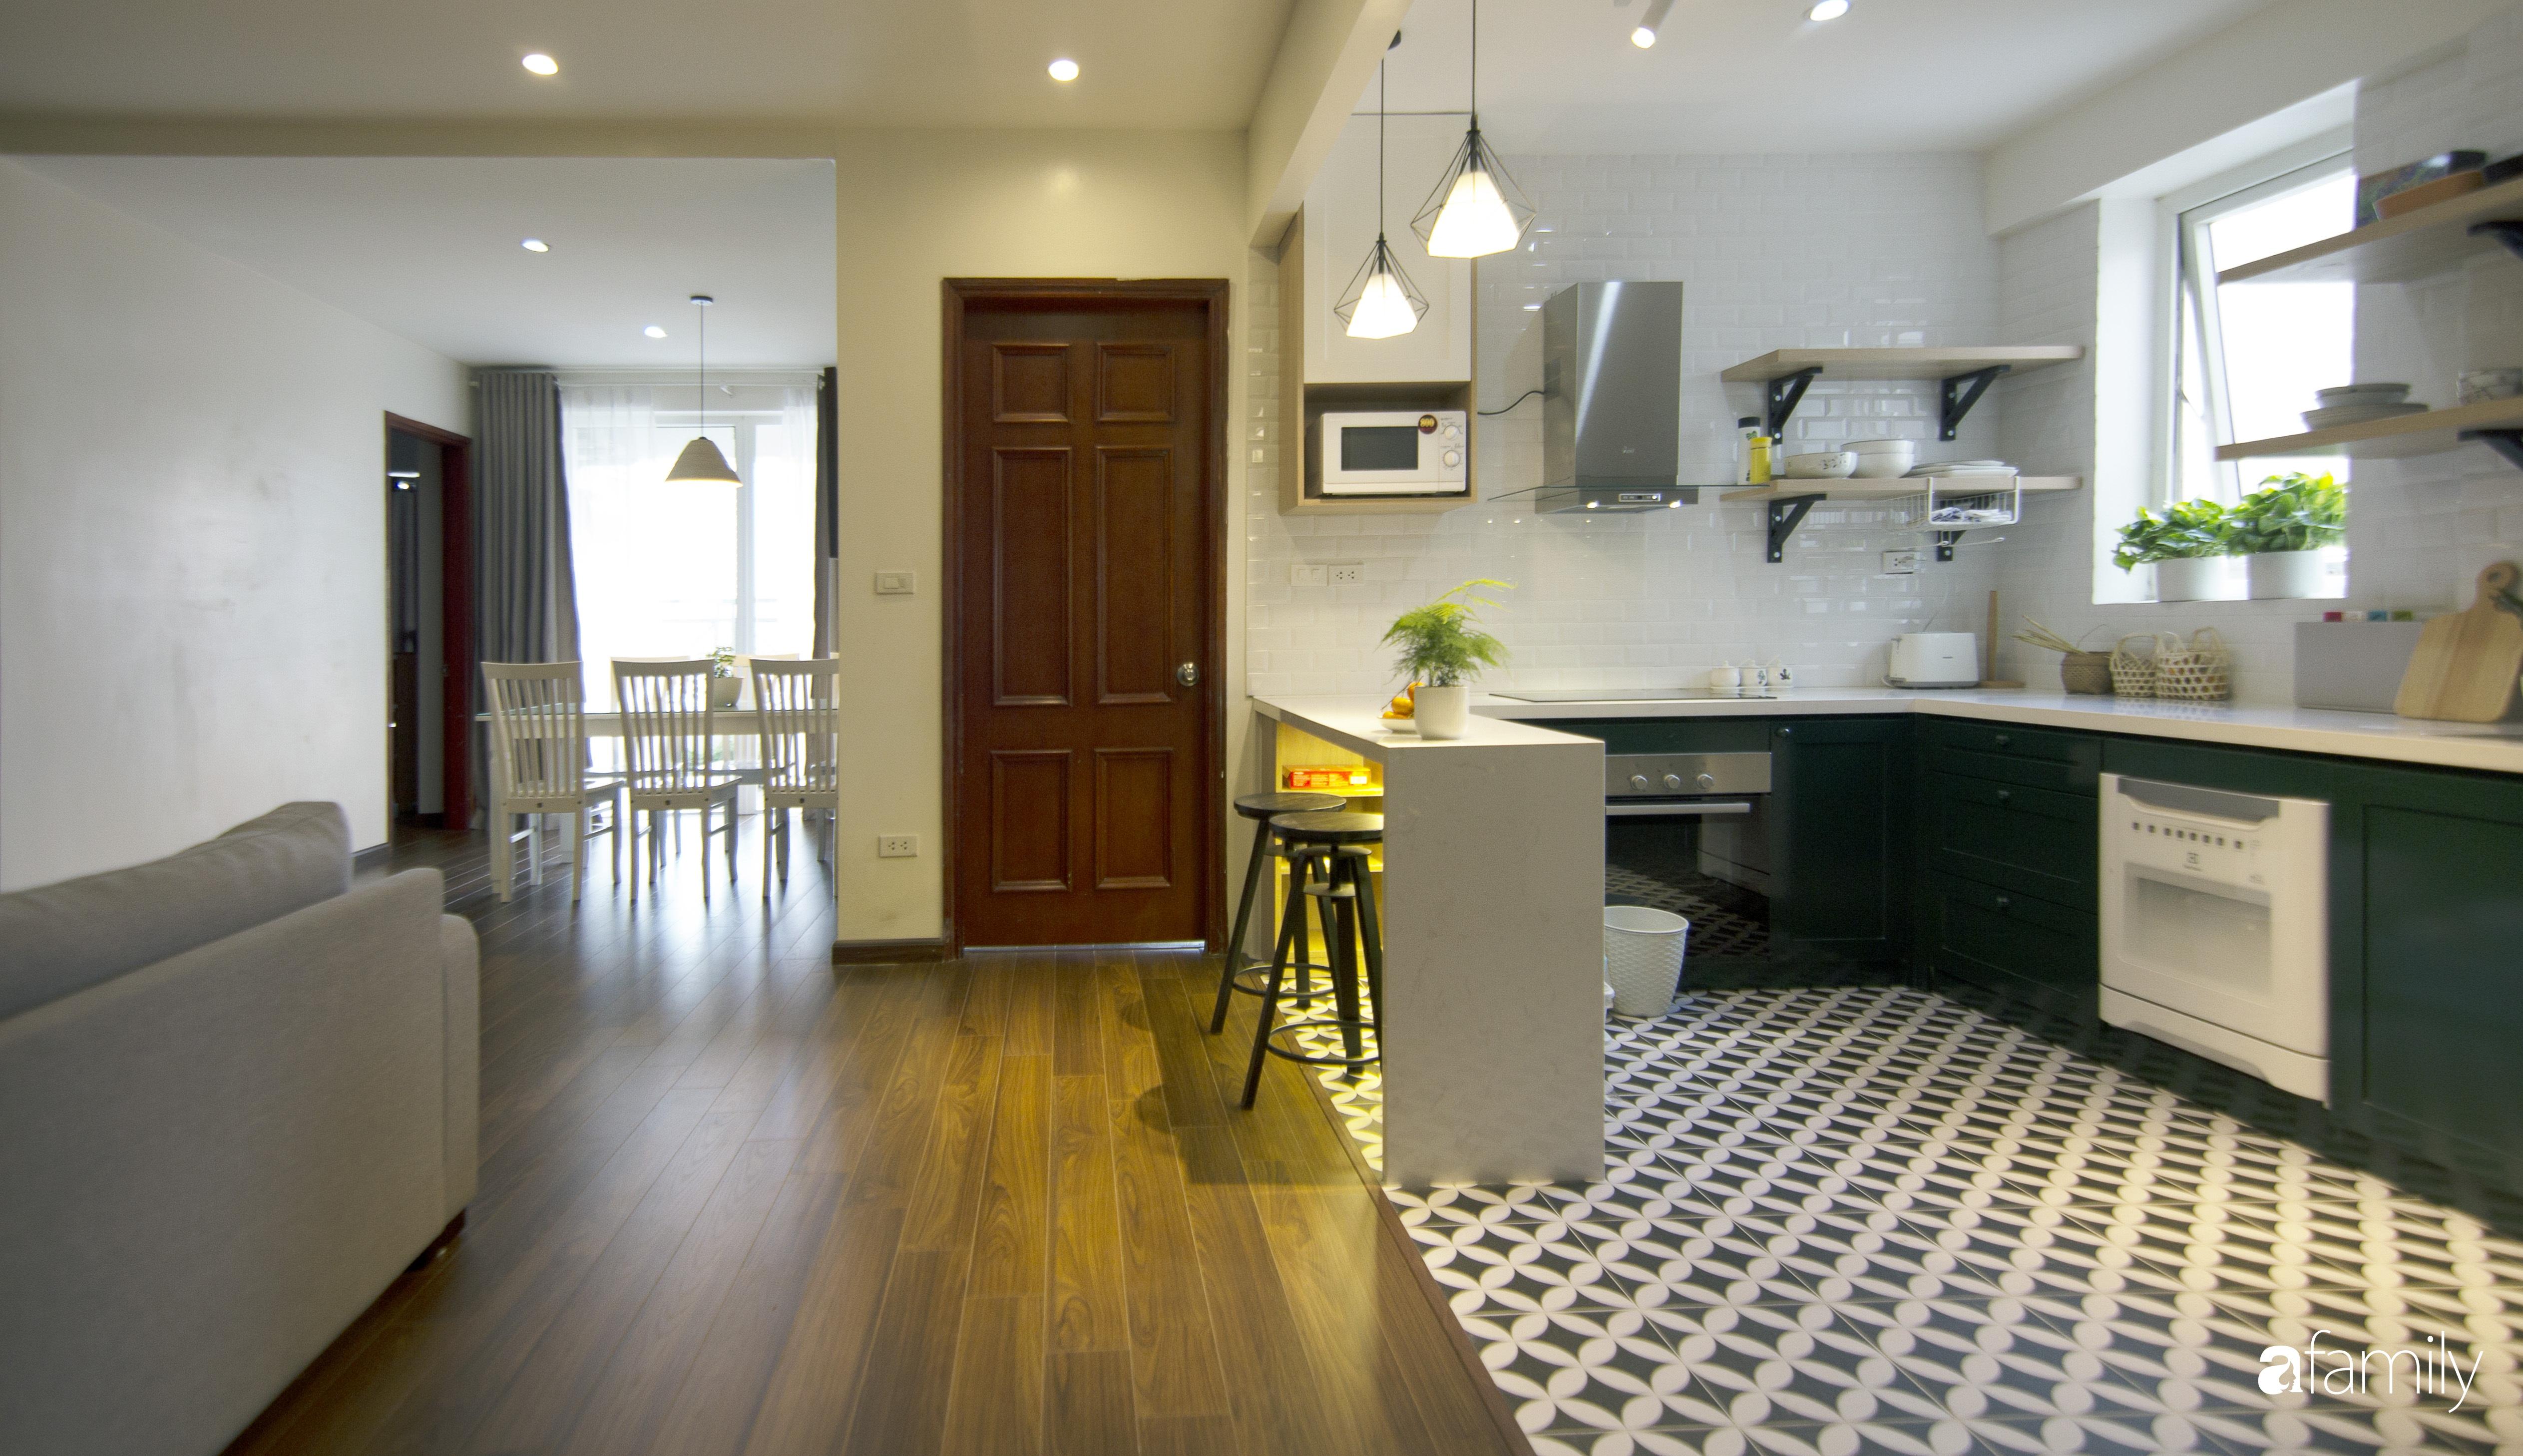 Căn hộ 150m² tối ưu không gian nhờ decor màu trung tính và phong cách hiện đại ở Cầu Giấy, Hà Nội - Ảnh 5.